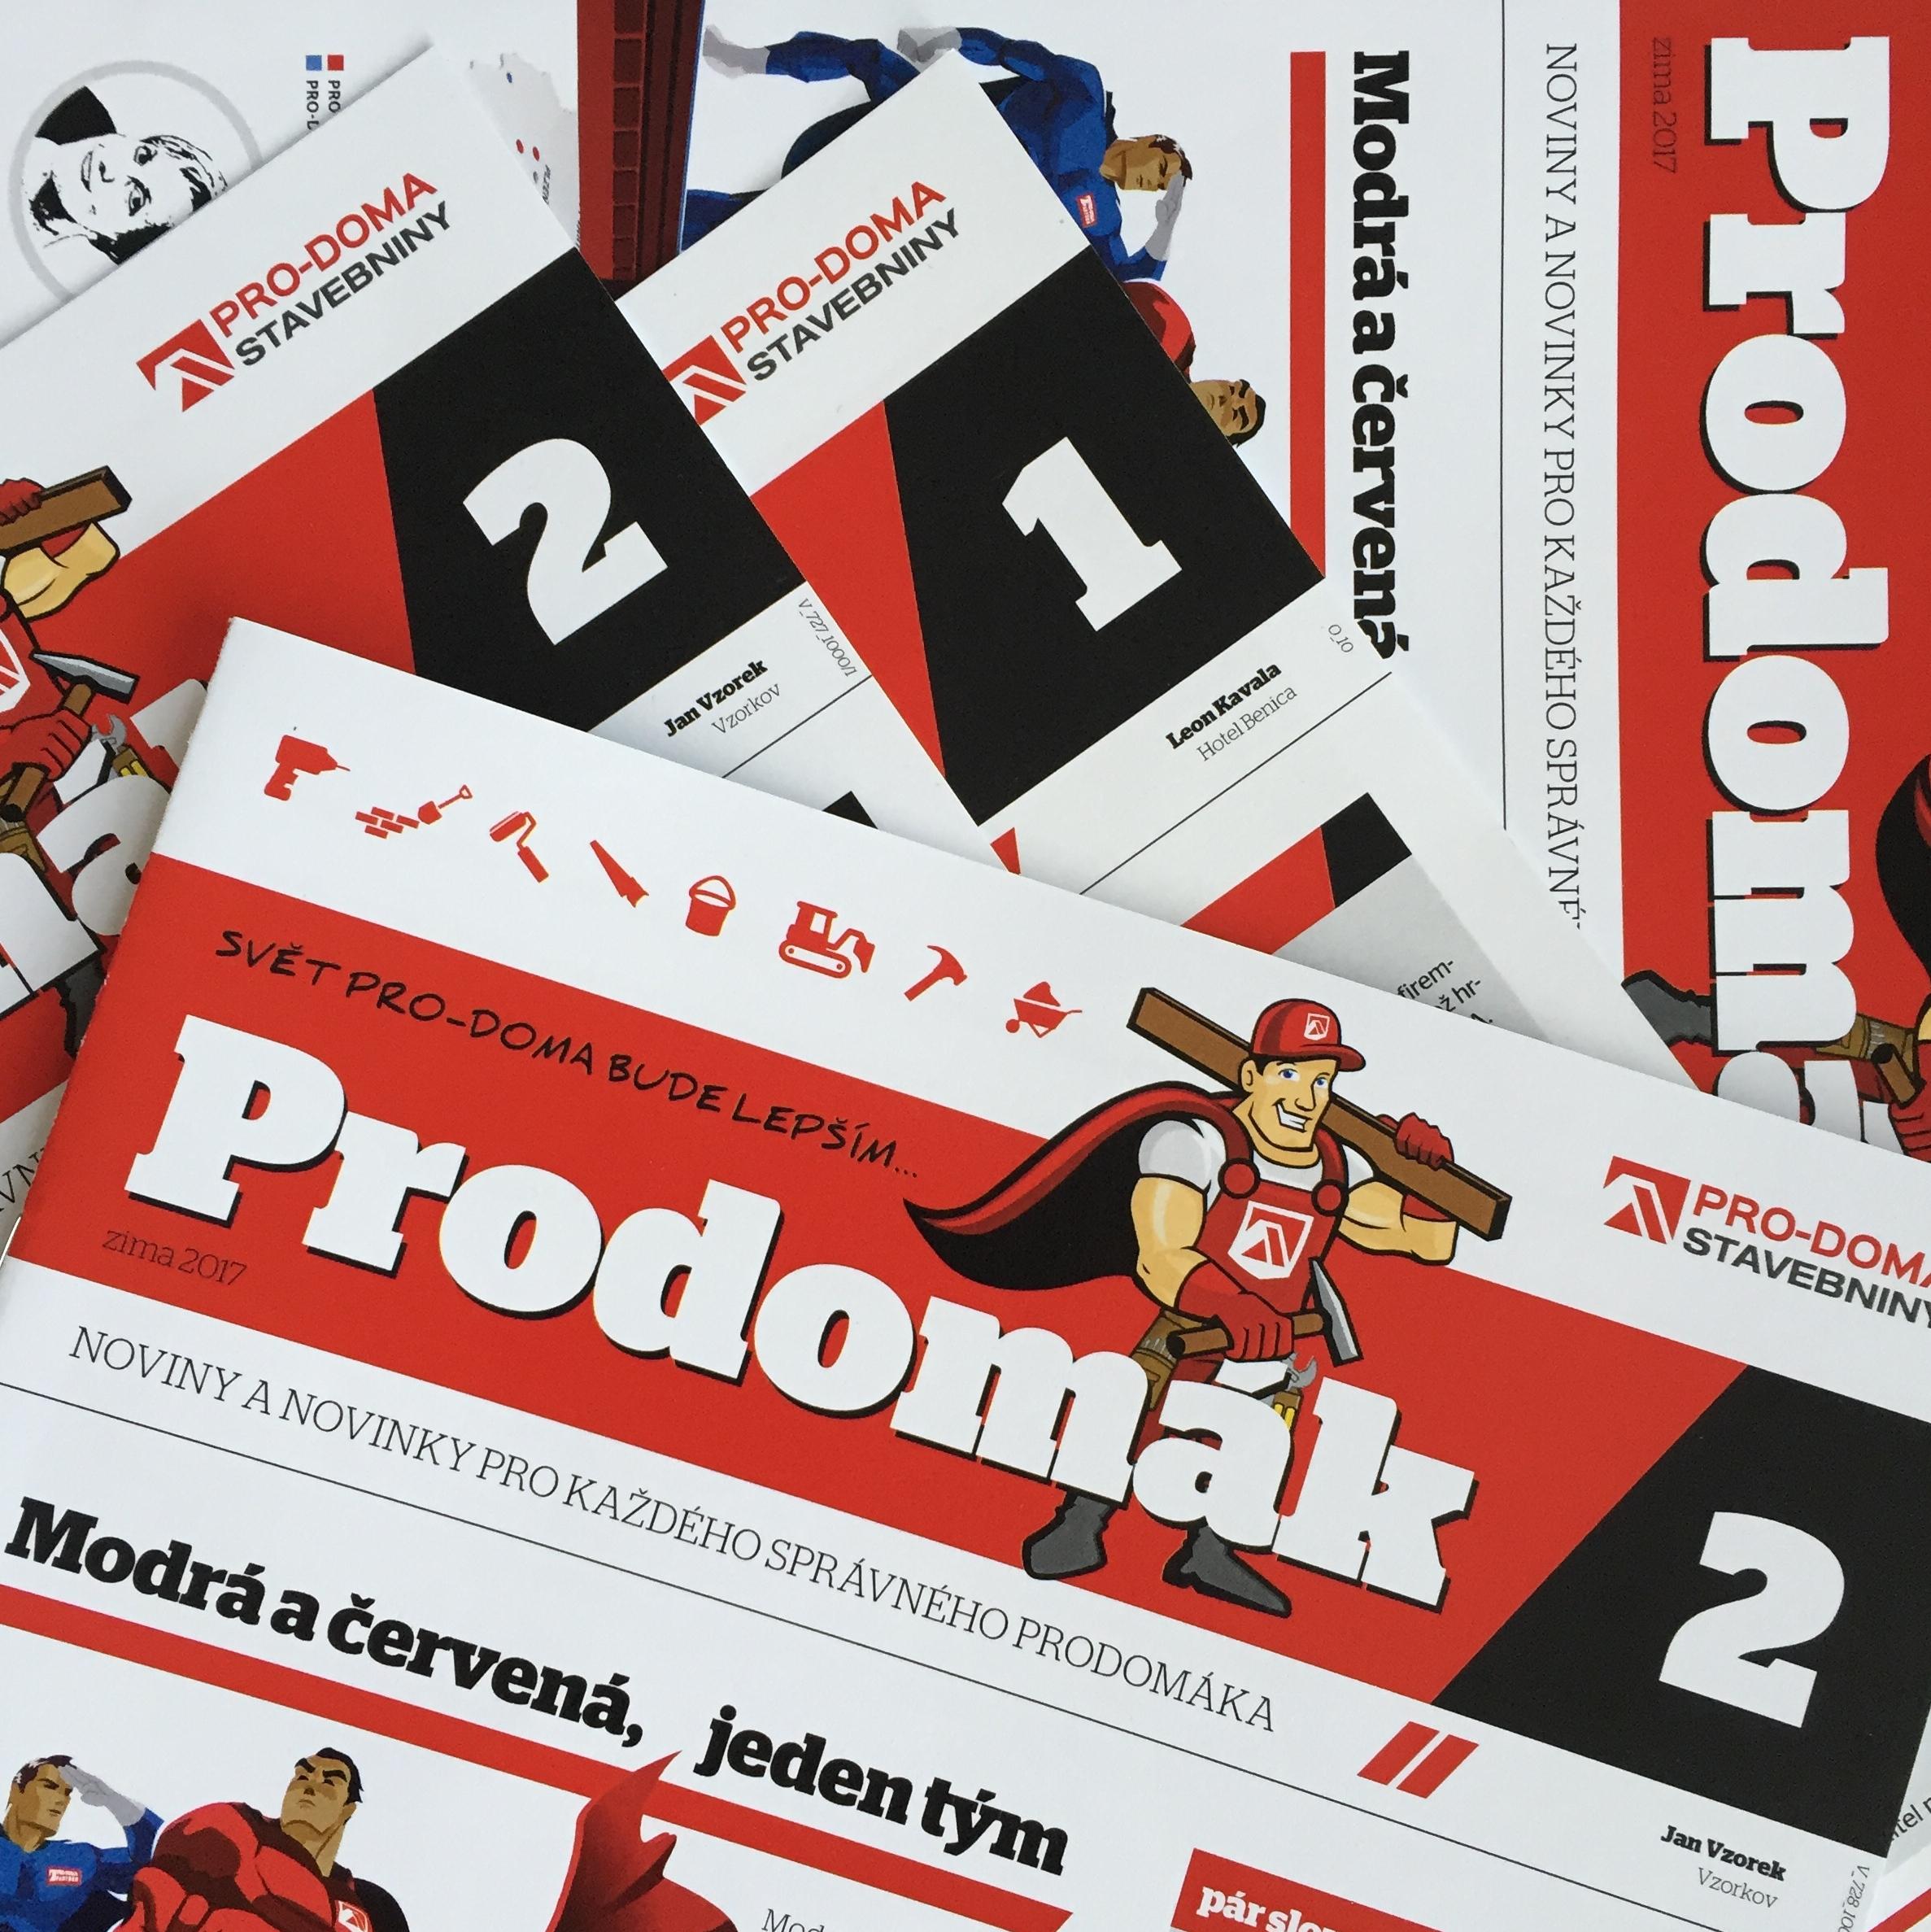 PRO-DOMA   publishing